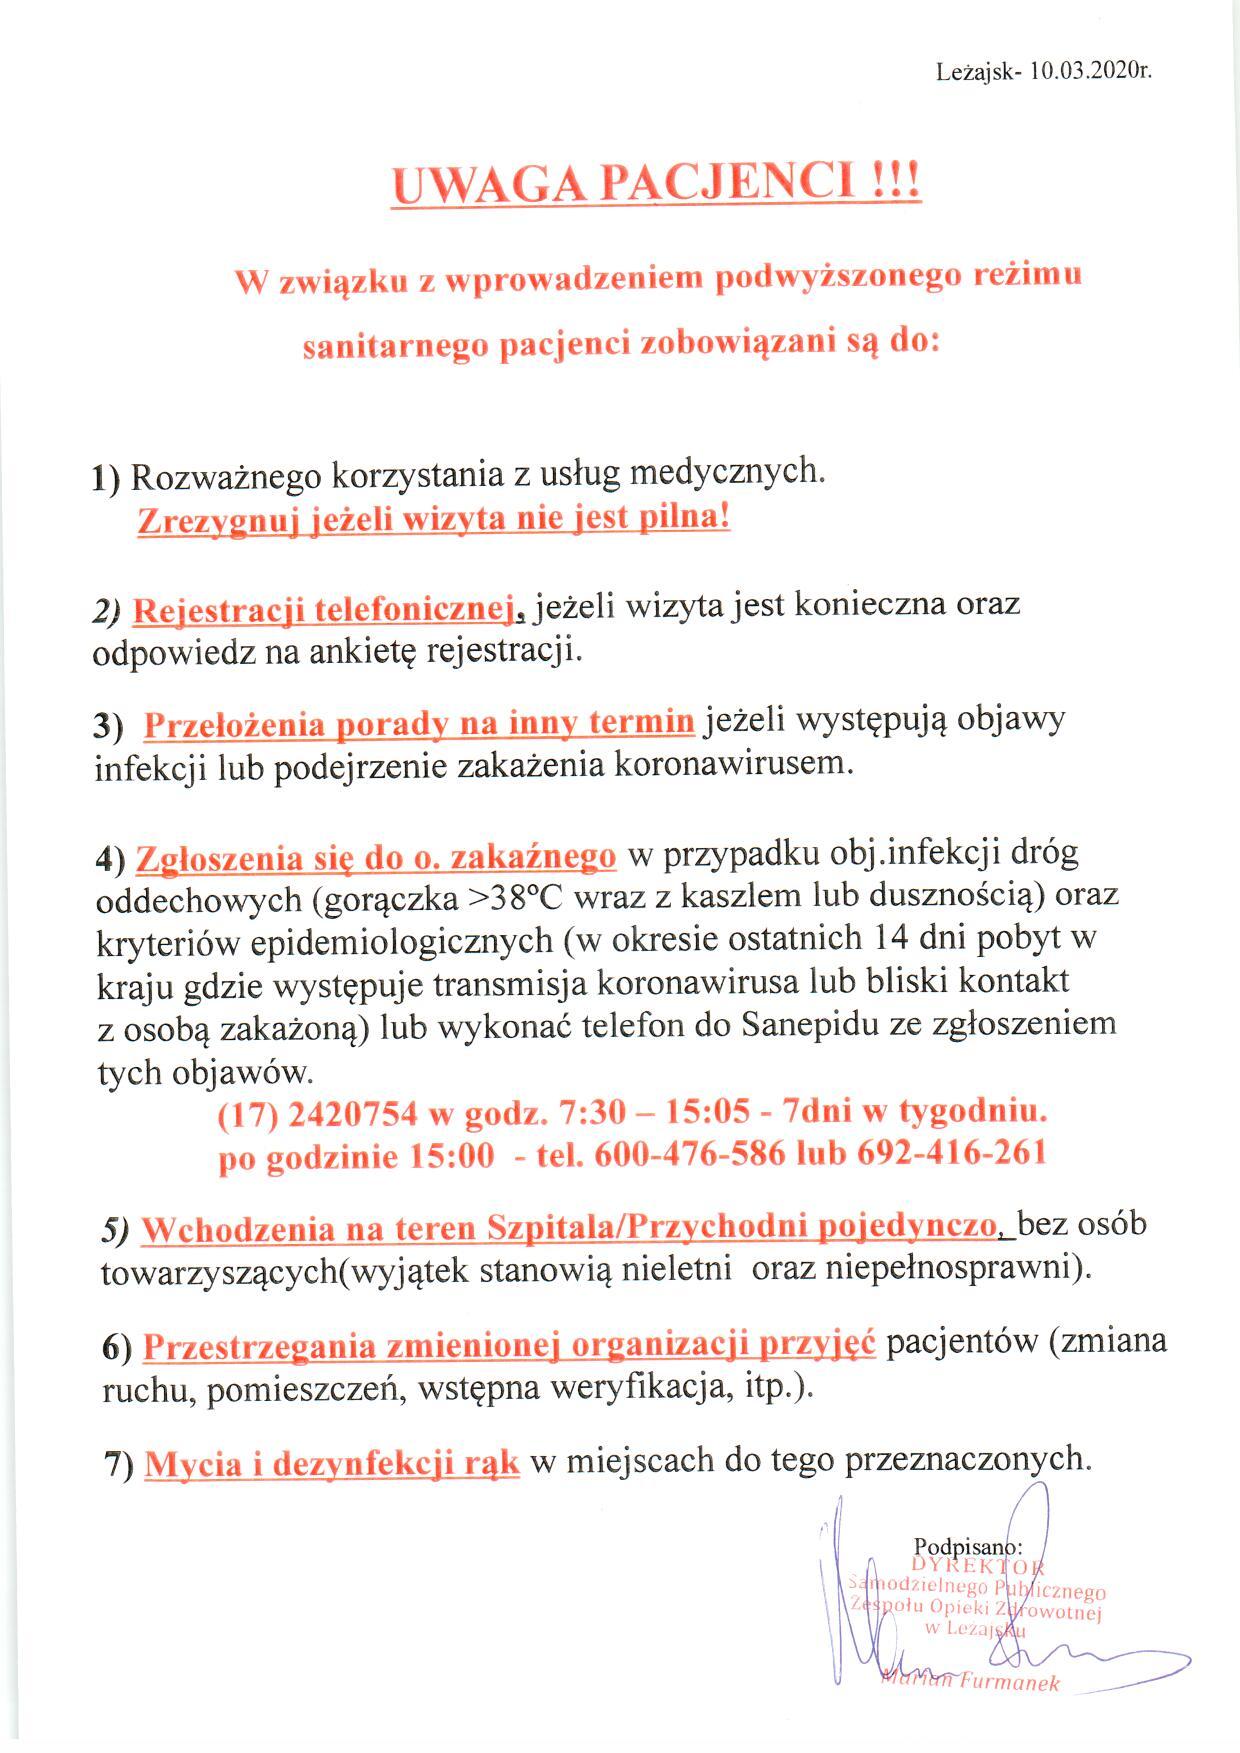 Komunikat Dyrektora Samodzielnego Publicznego Zespołu Opieki Zdrowotnej w Leżajsku 10.03.2020.jpeg